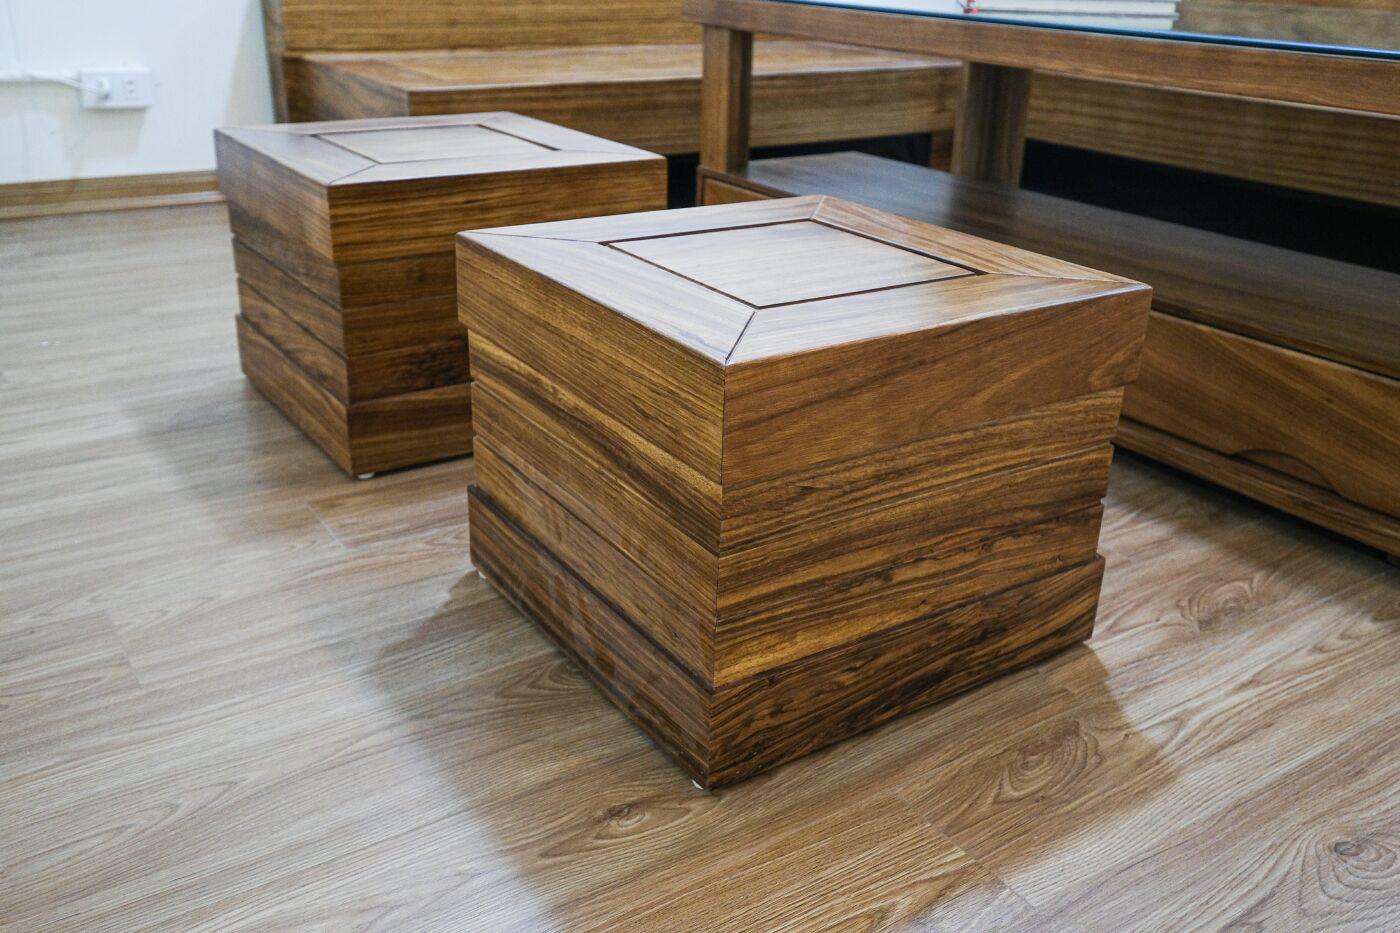 Phần ghế đôn nhỏ có thiết kế đơn giản